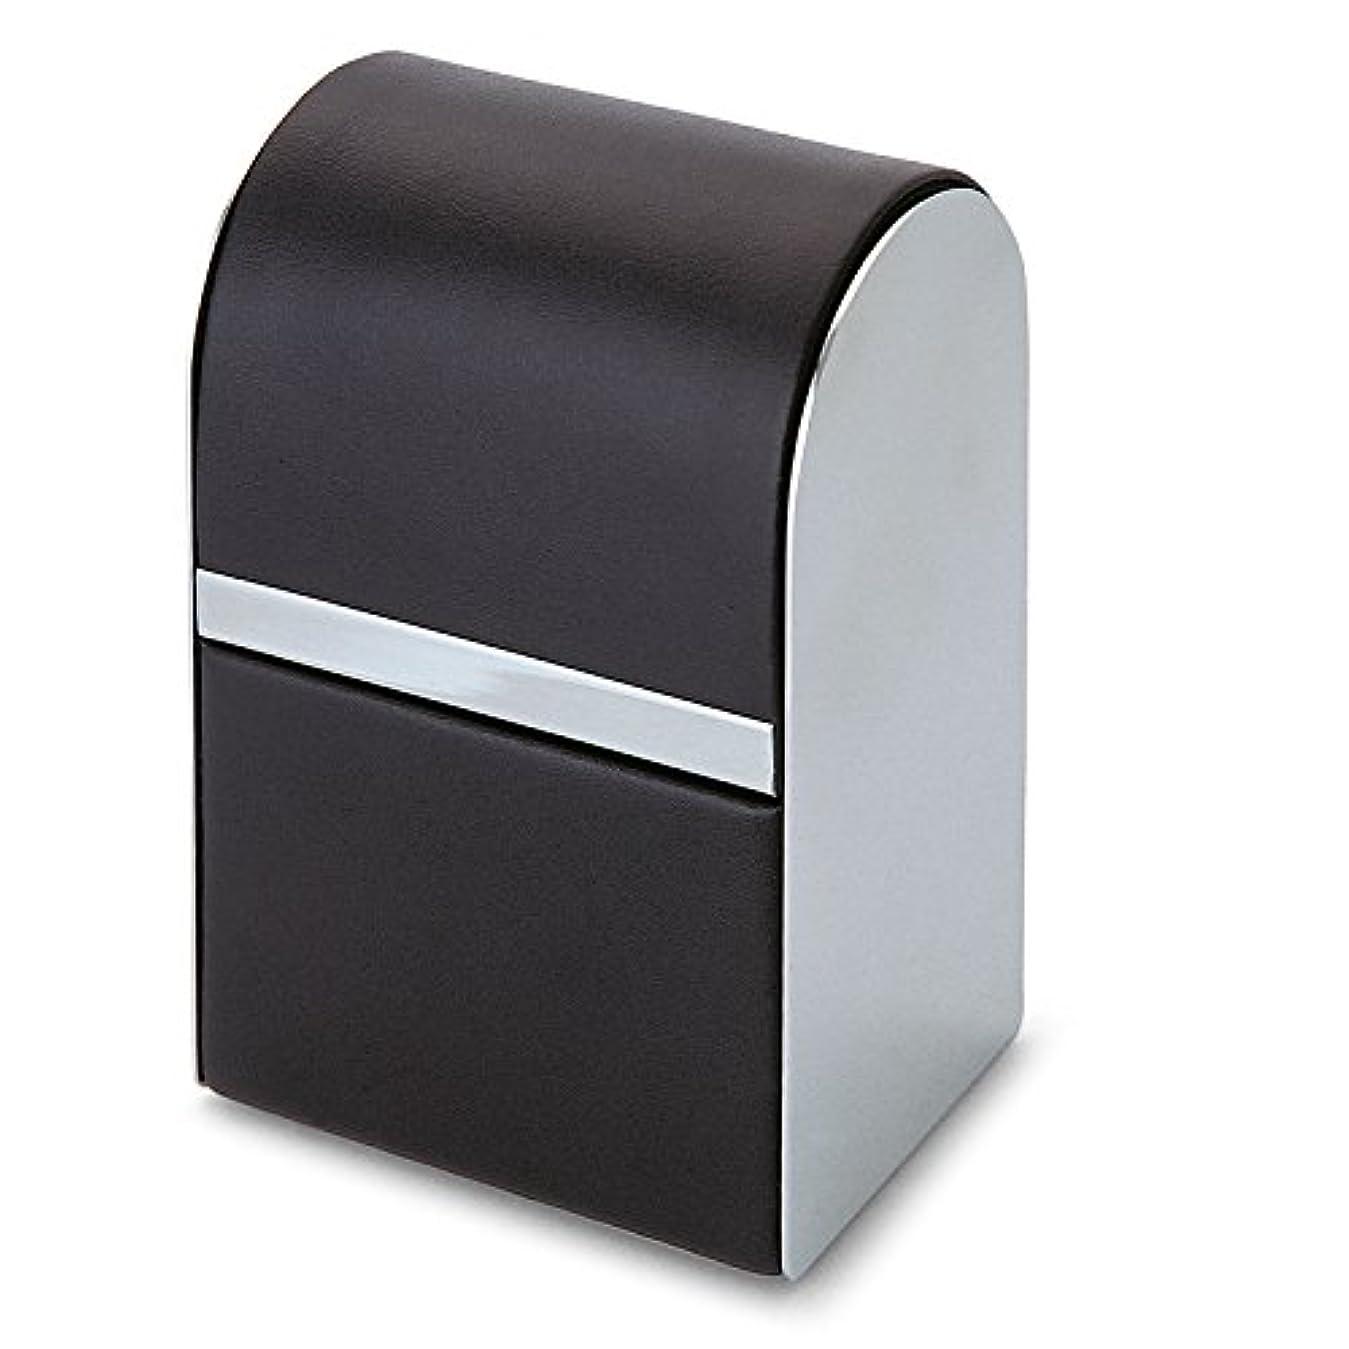 ハシーモバイル安価なPhilippi Giorgio メンズ身だしなみキット 7pcsセット leather stainless polished